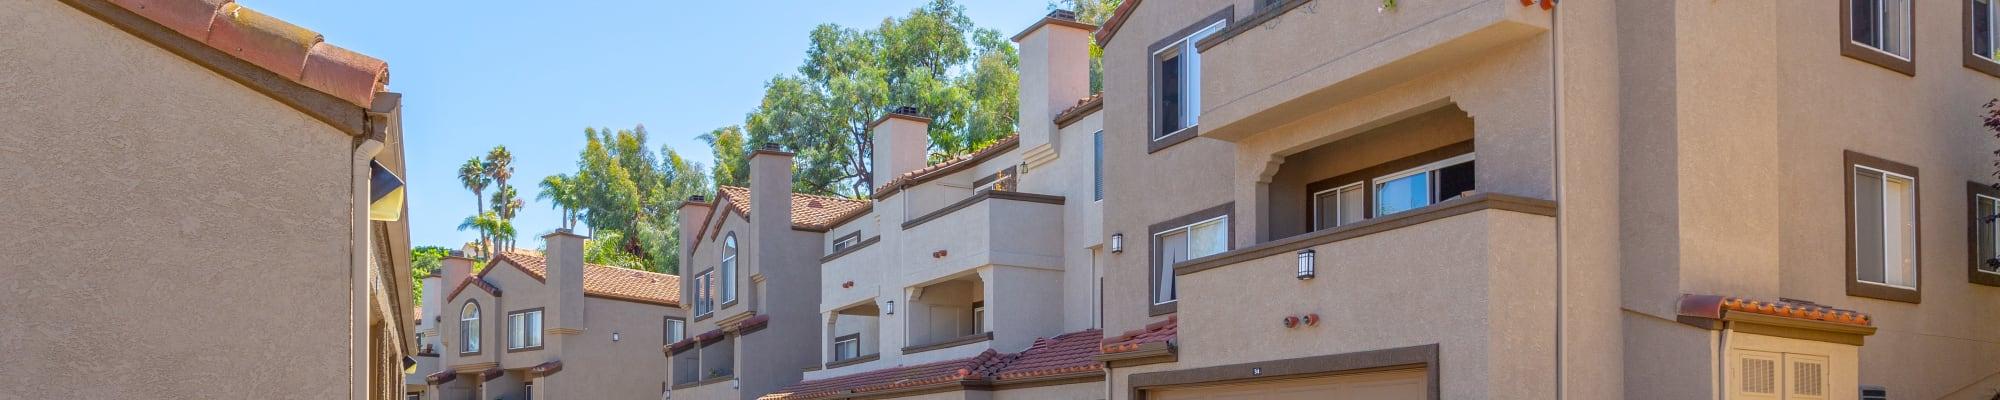 Community map at Niguel Summit Condominium Rentals in Laguna Niguel, California